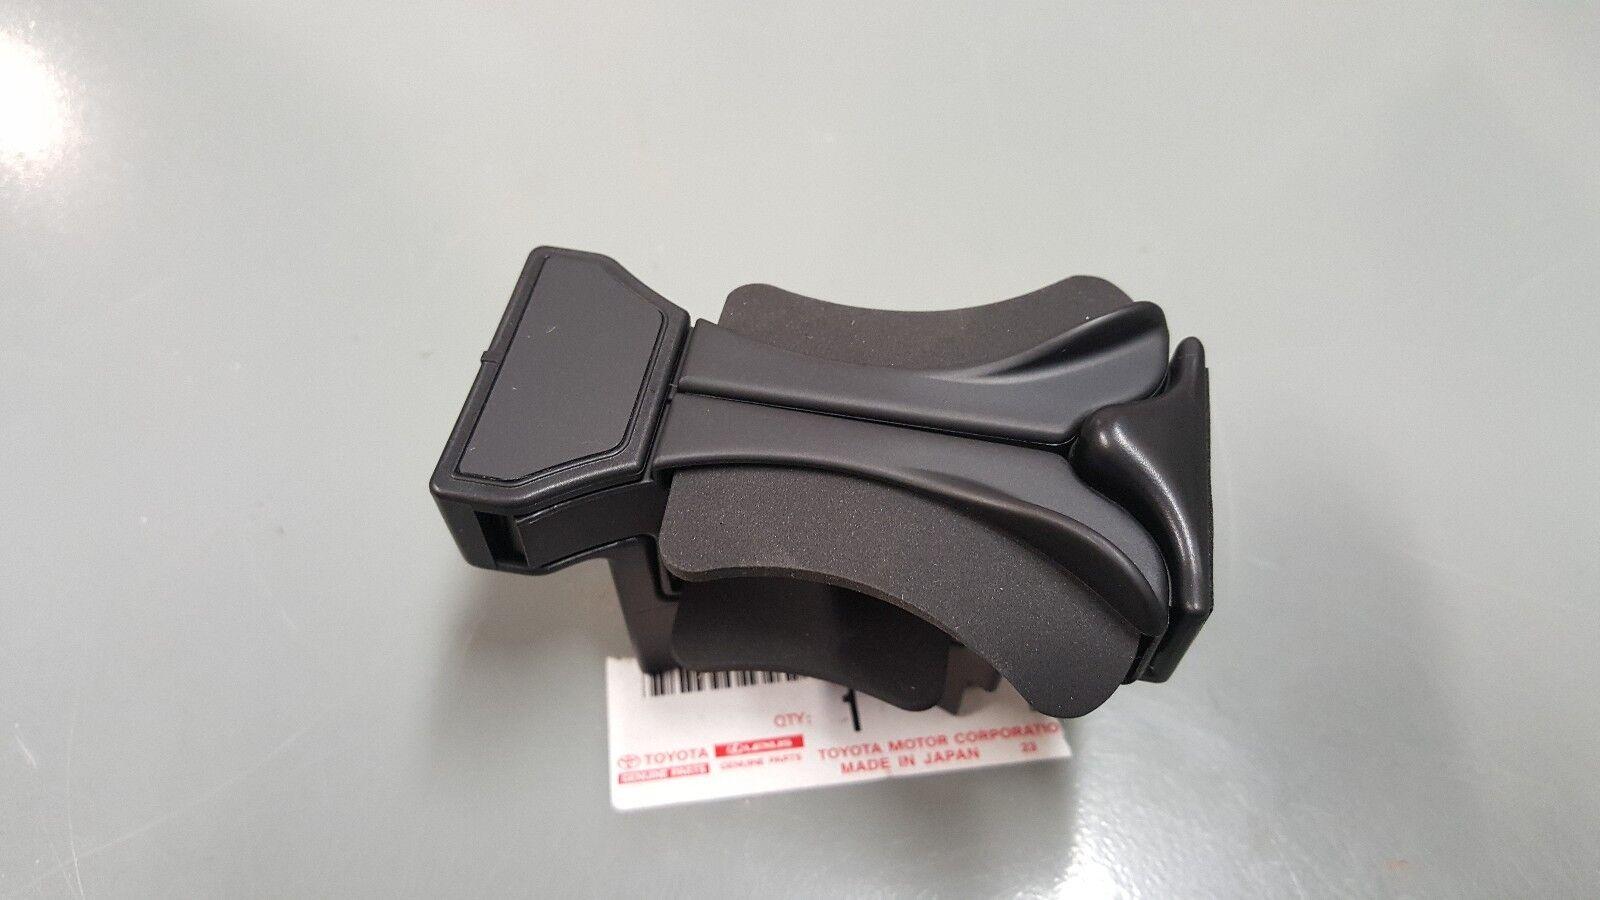 OEM NEW LEXUS CUP DIVIDER GS300 GS350 GS450H GS460 GS430 2006 07 08 09 10 11